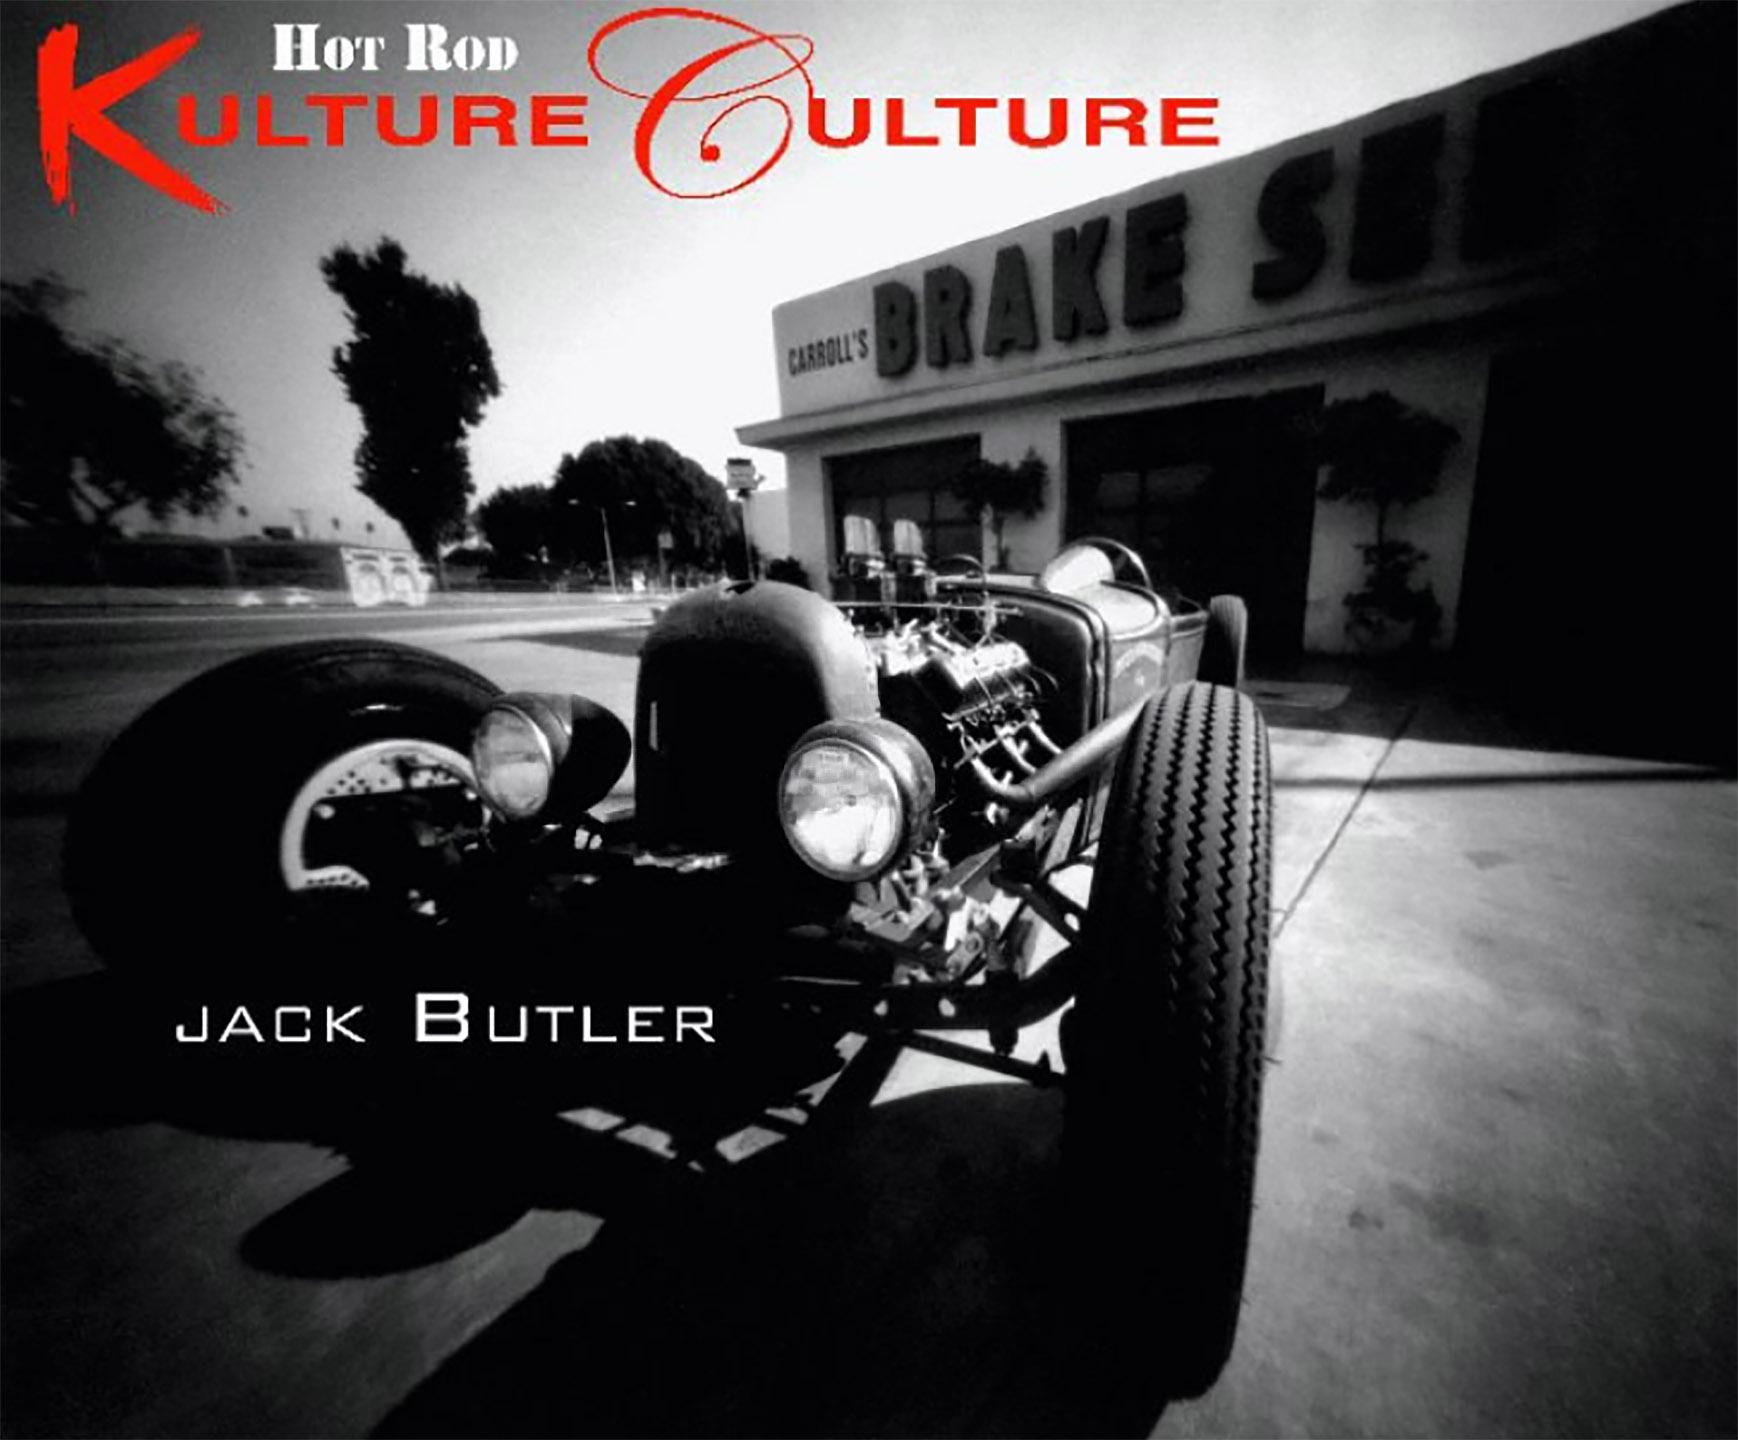 Hot Rod Kulture/ Culture 2008